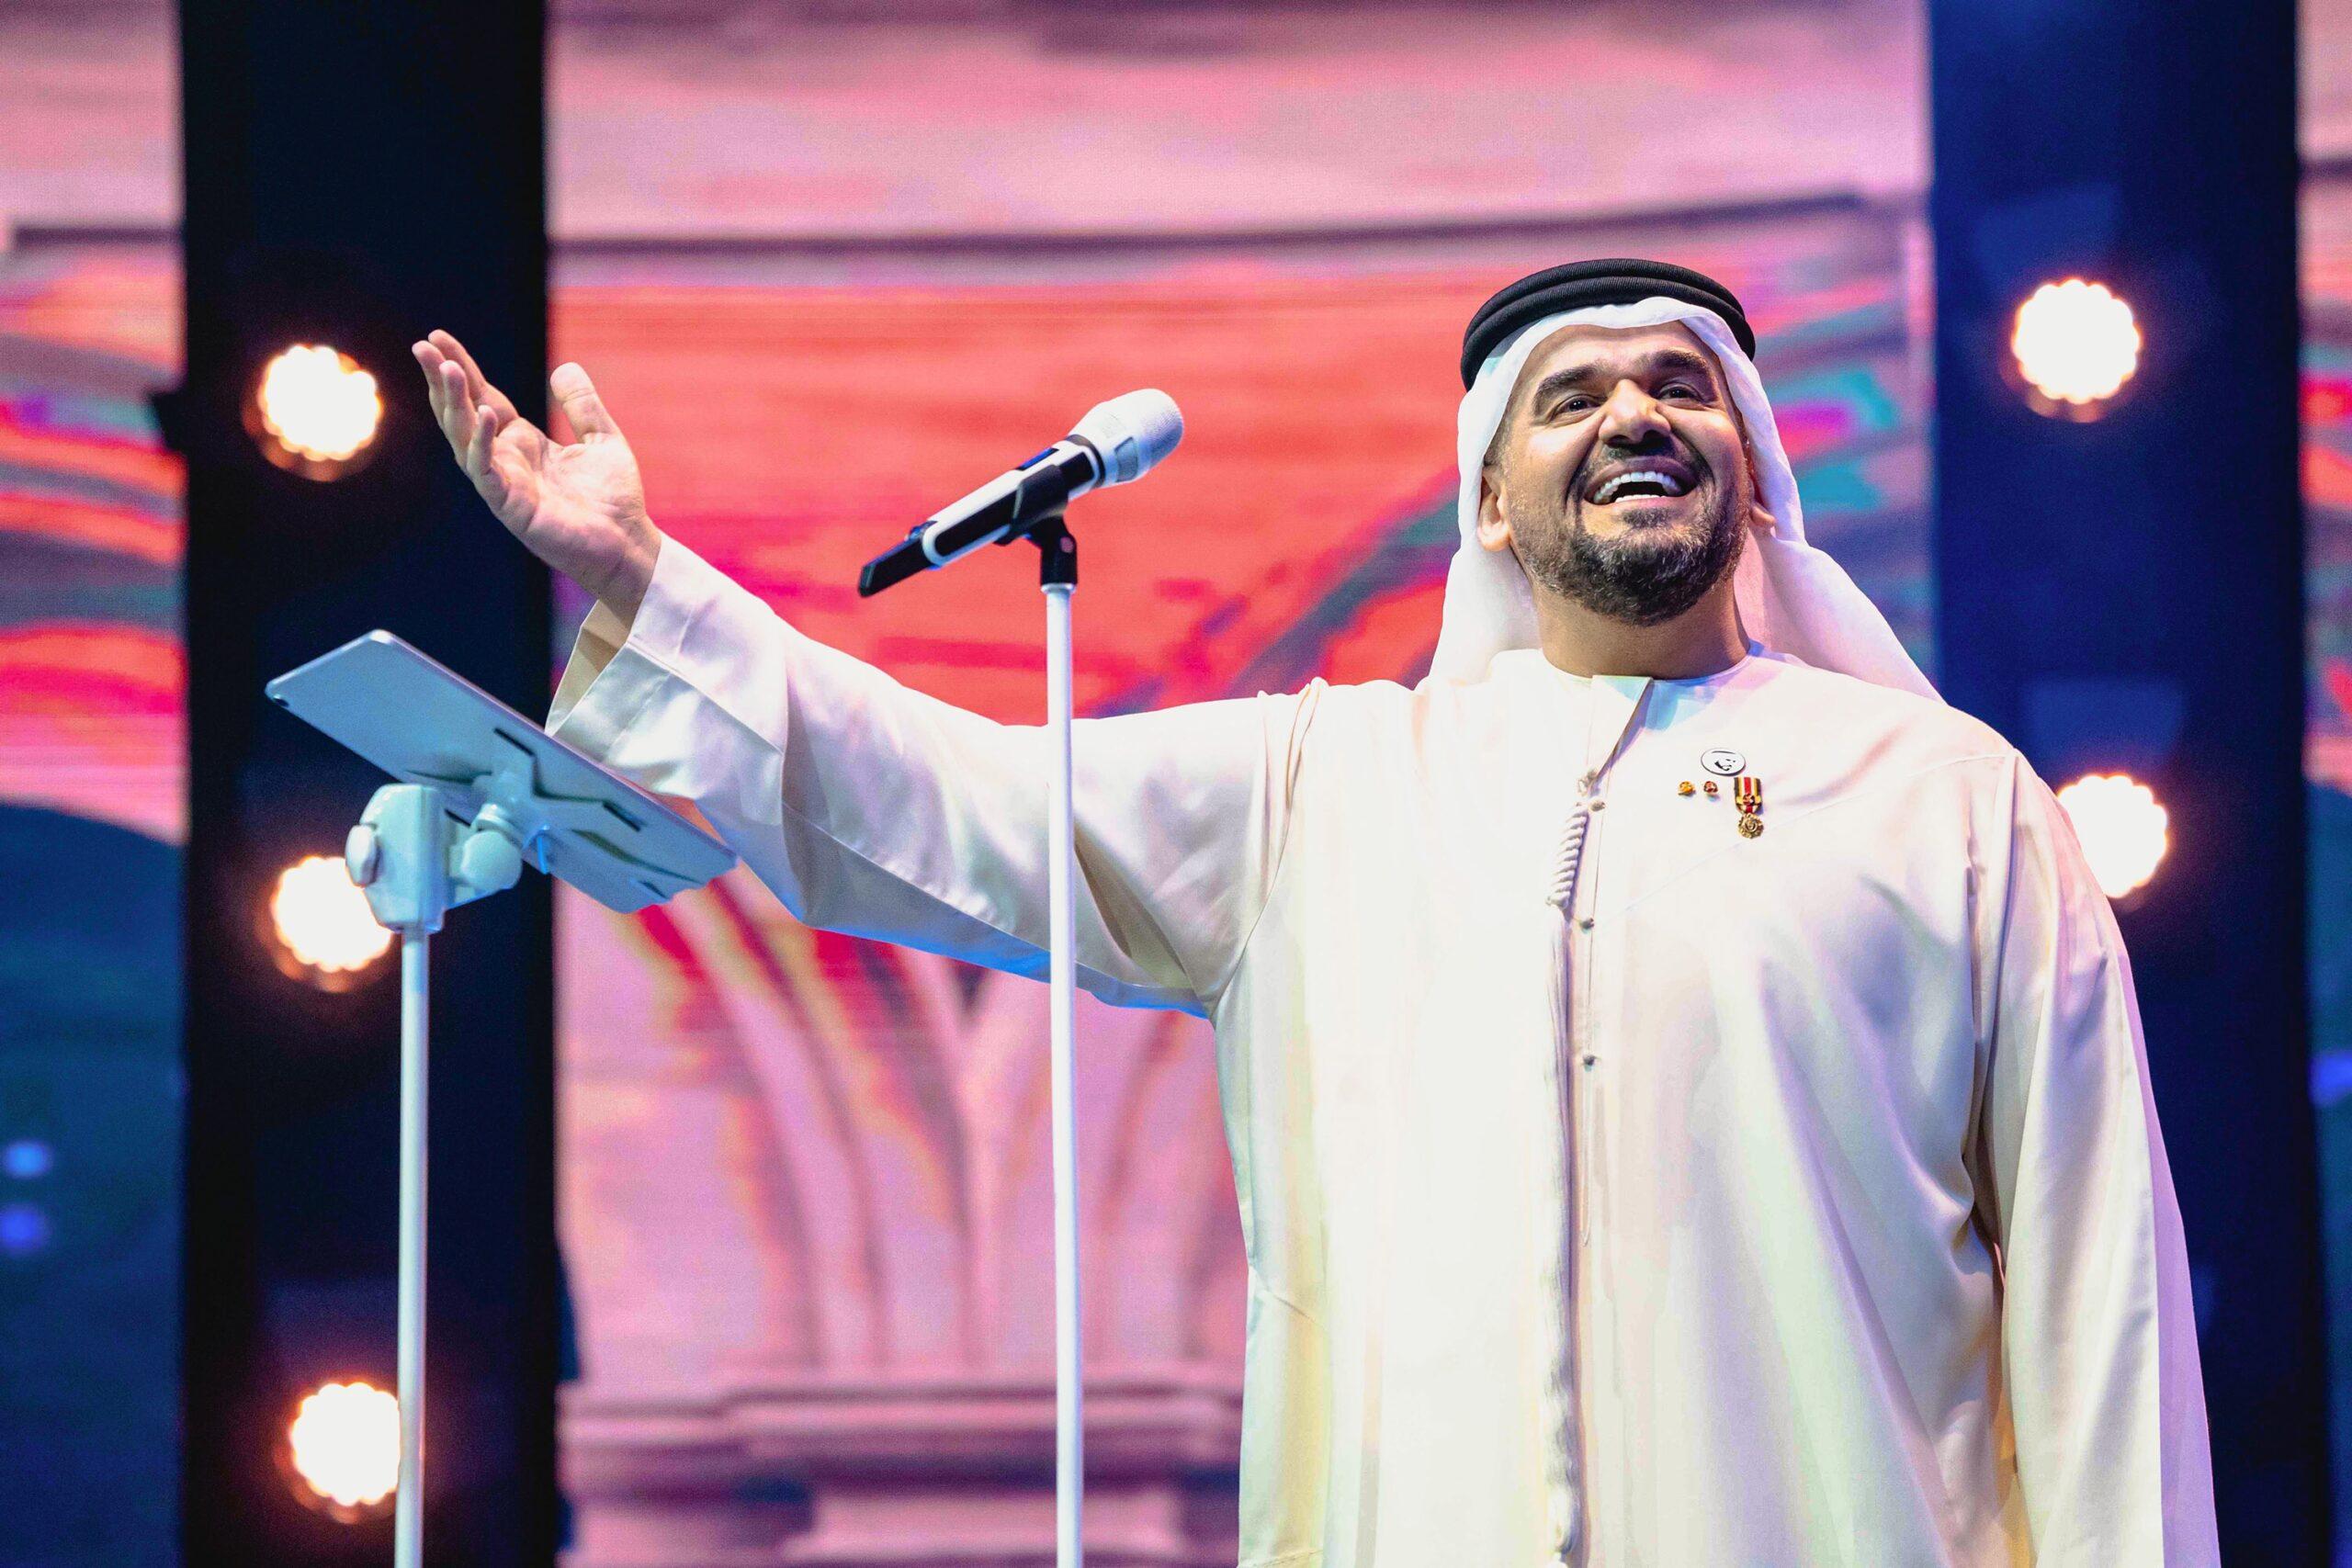 724C529A 59B4 4FC3 9E16 66DA38277C74 scaled - حسين الجسمي يحتفل مع جمهور أبوظبي بعيد الأضحي